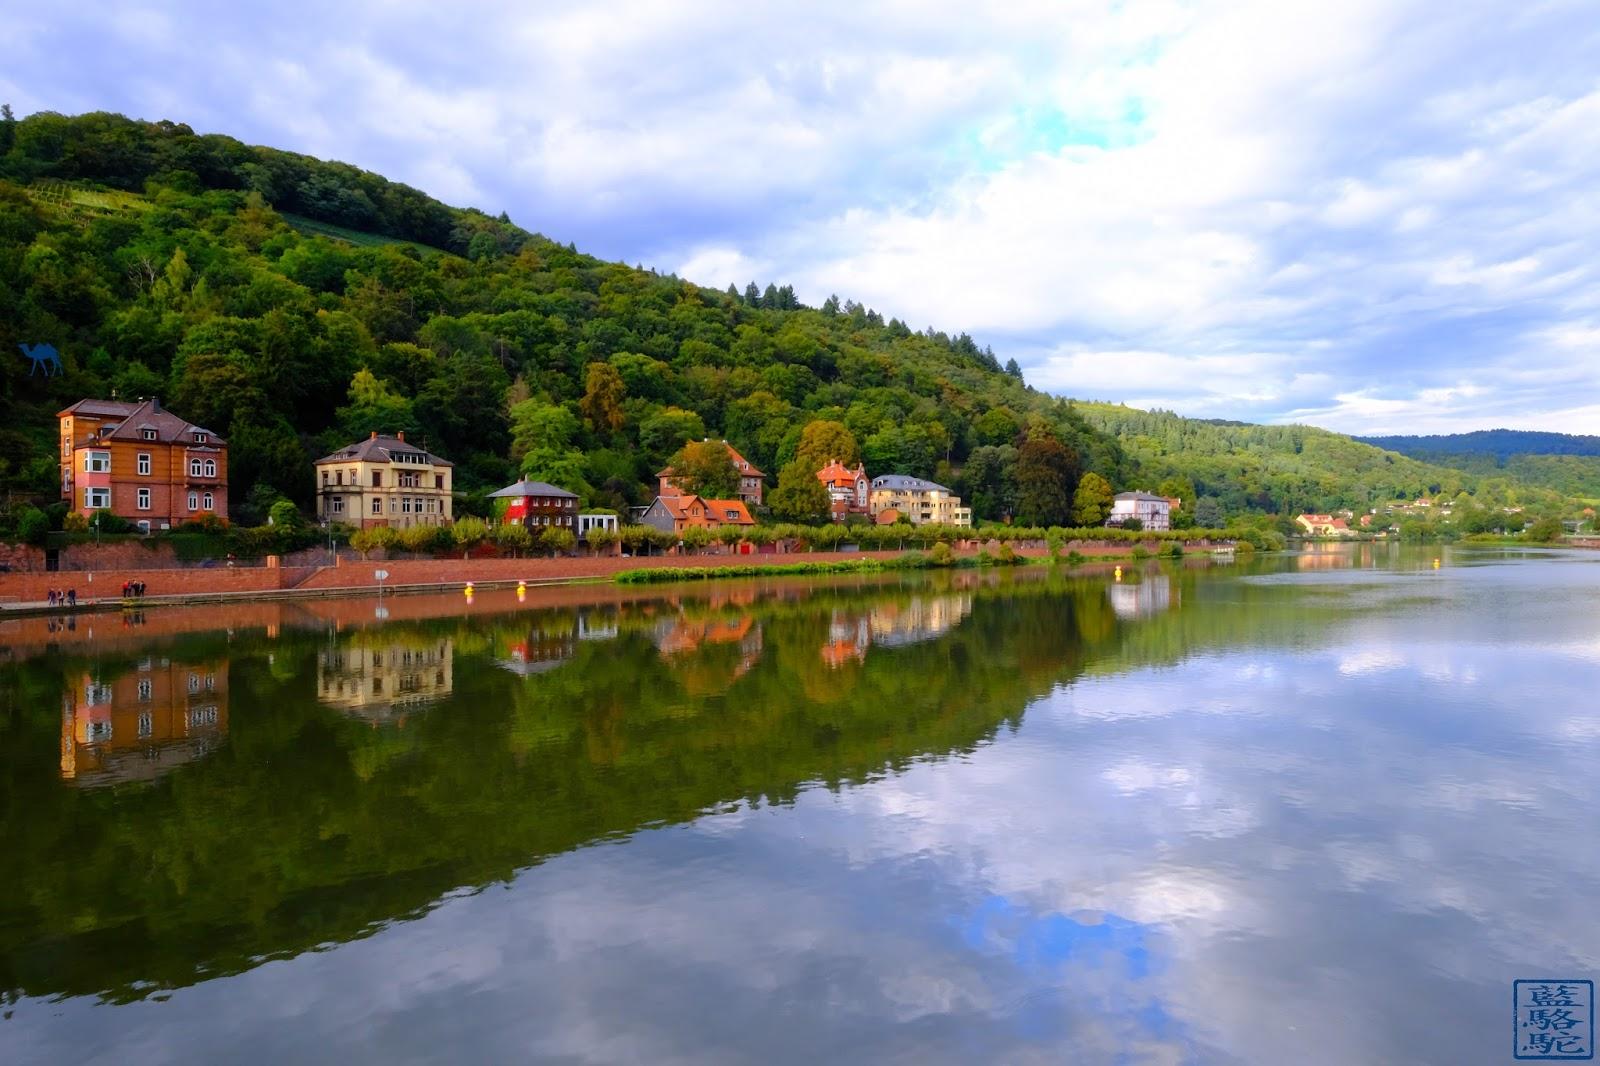 Le Chameau Bleu - Blog Voyage Heildeberg Allemagne - Reflet sur le Neckar - Heidelberg